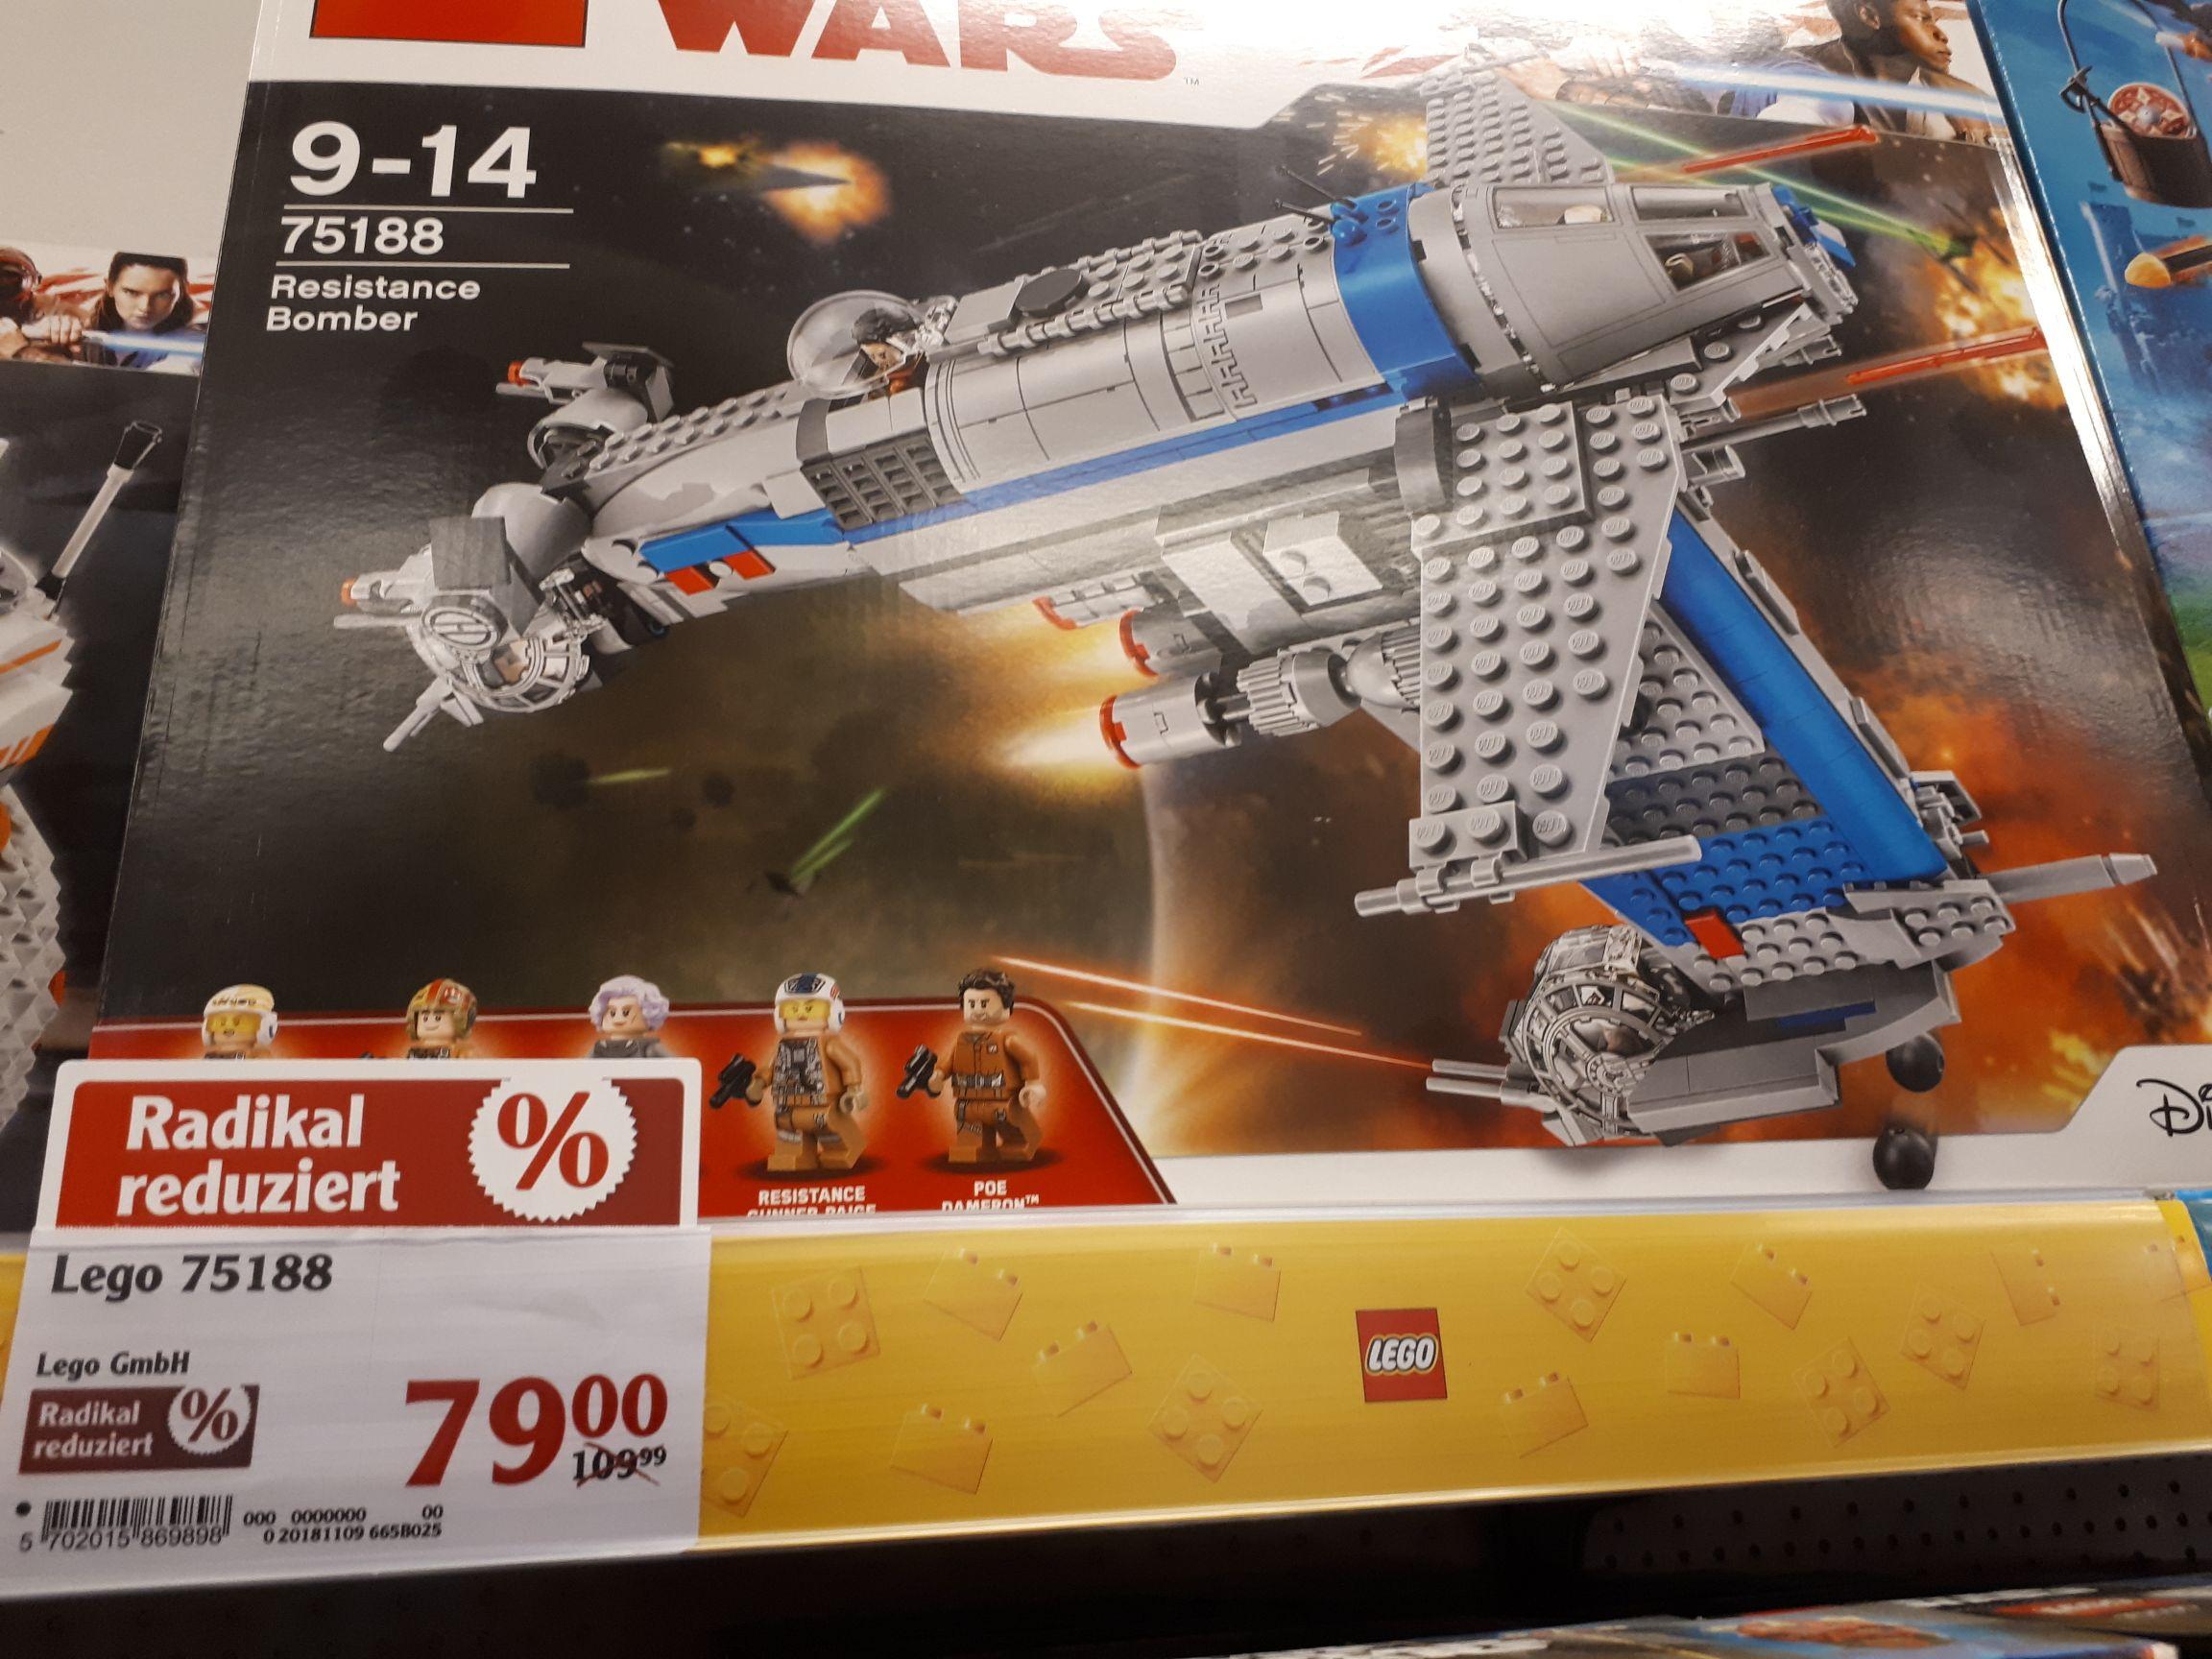 LEGO STAR WARS Resistance Bomber 75188 LOKAL